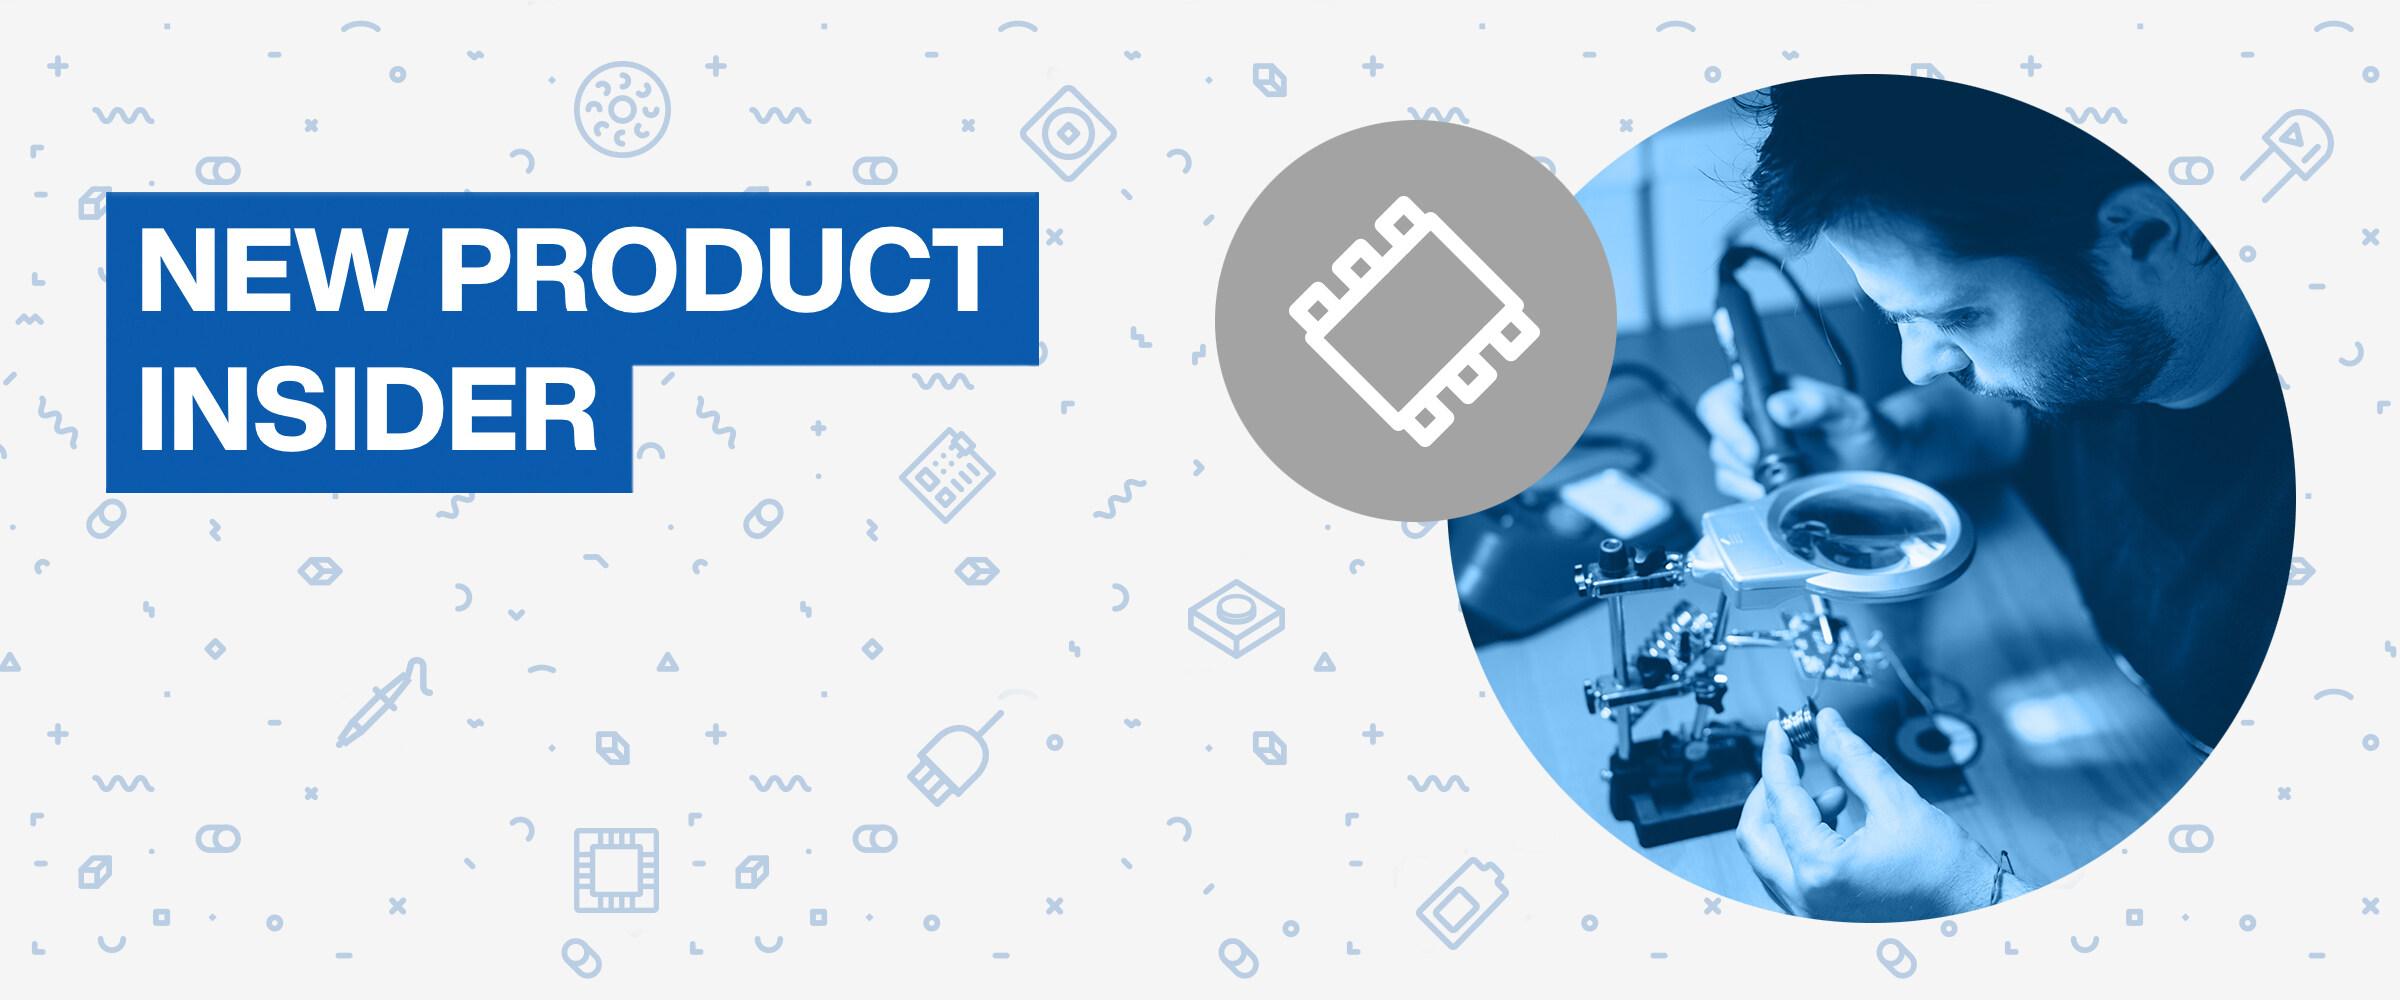 贸泽电子新品推荐:2020年7月 率先引入新品的全球分销商